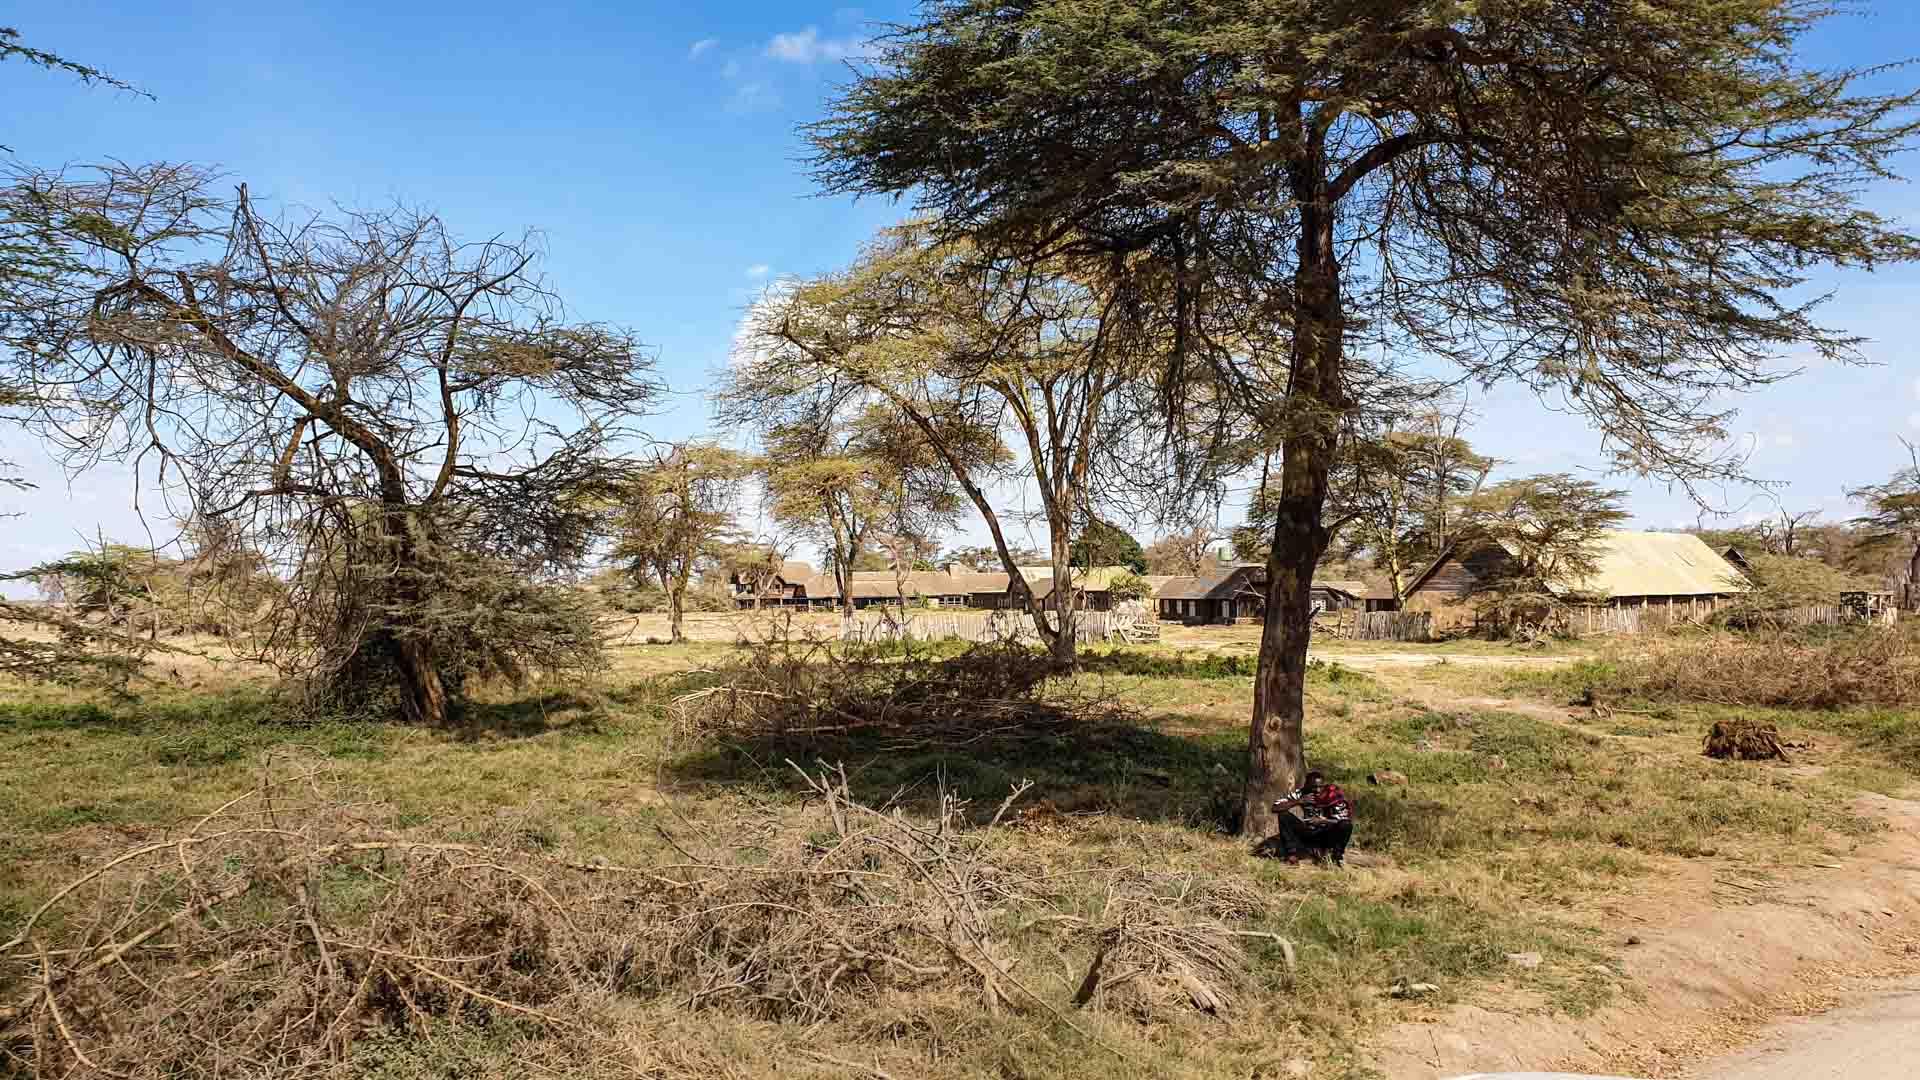 Hotel abandonado, Amboseli, Kenia